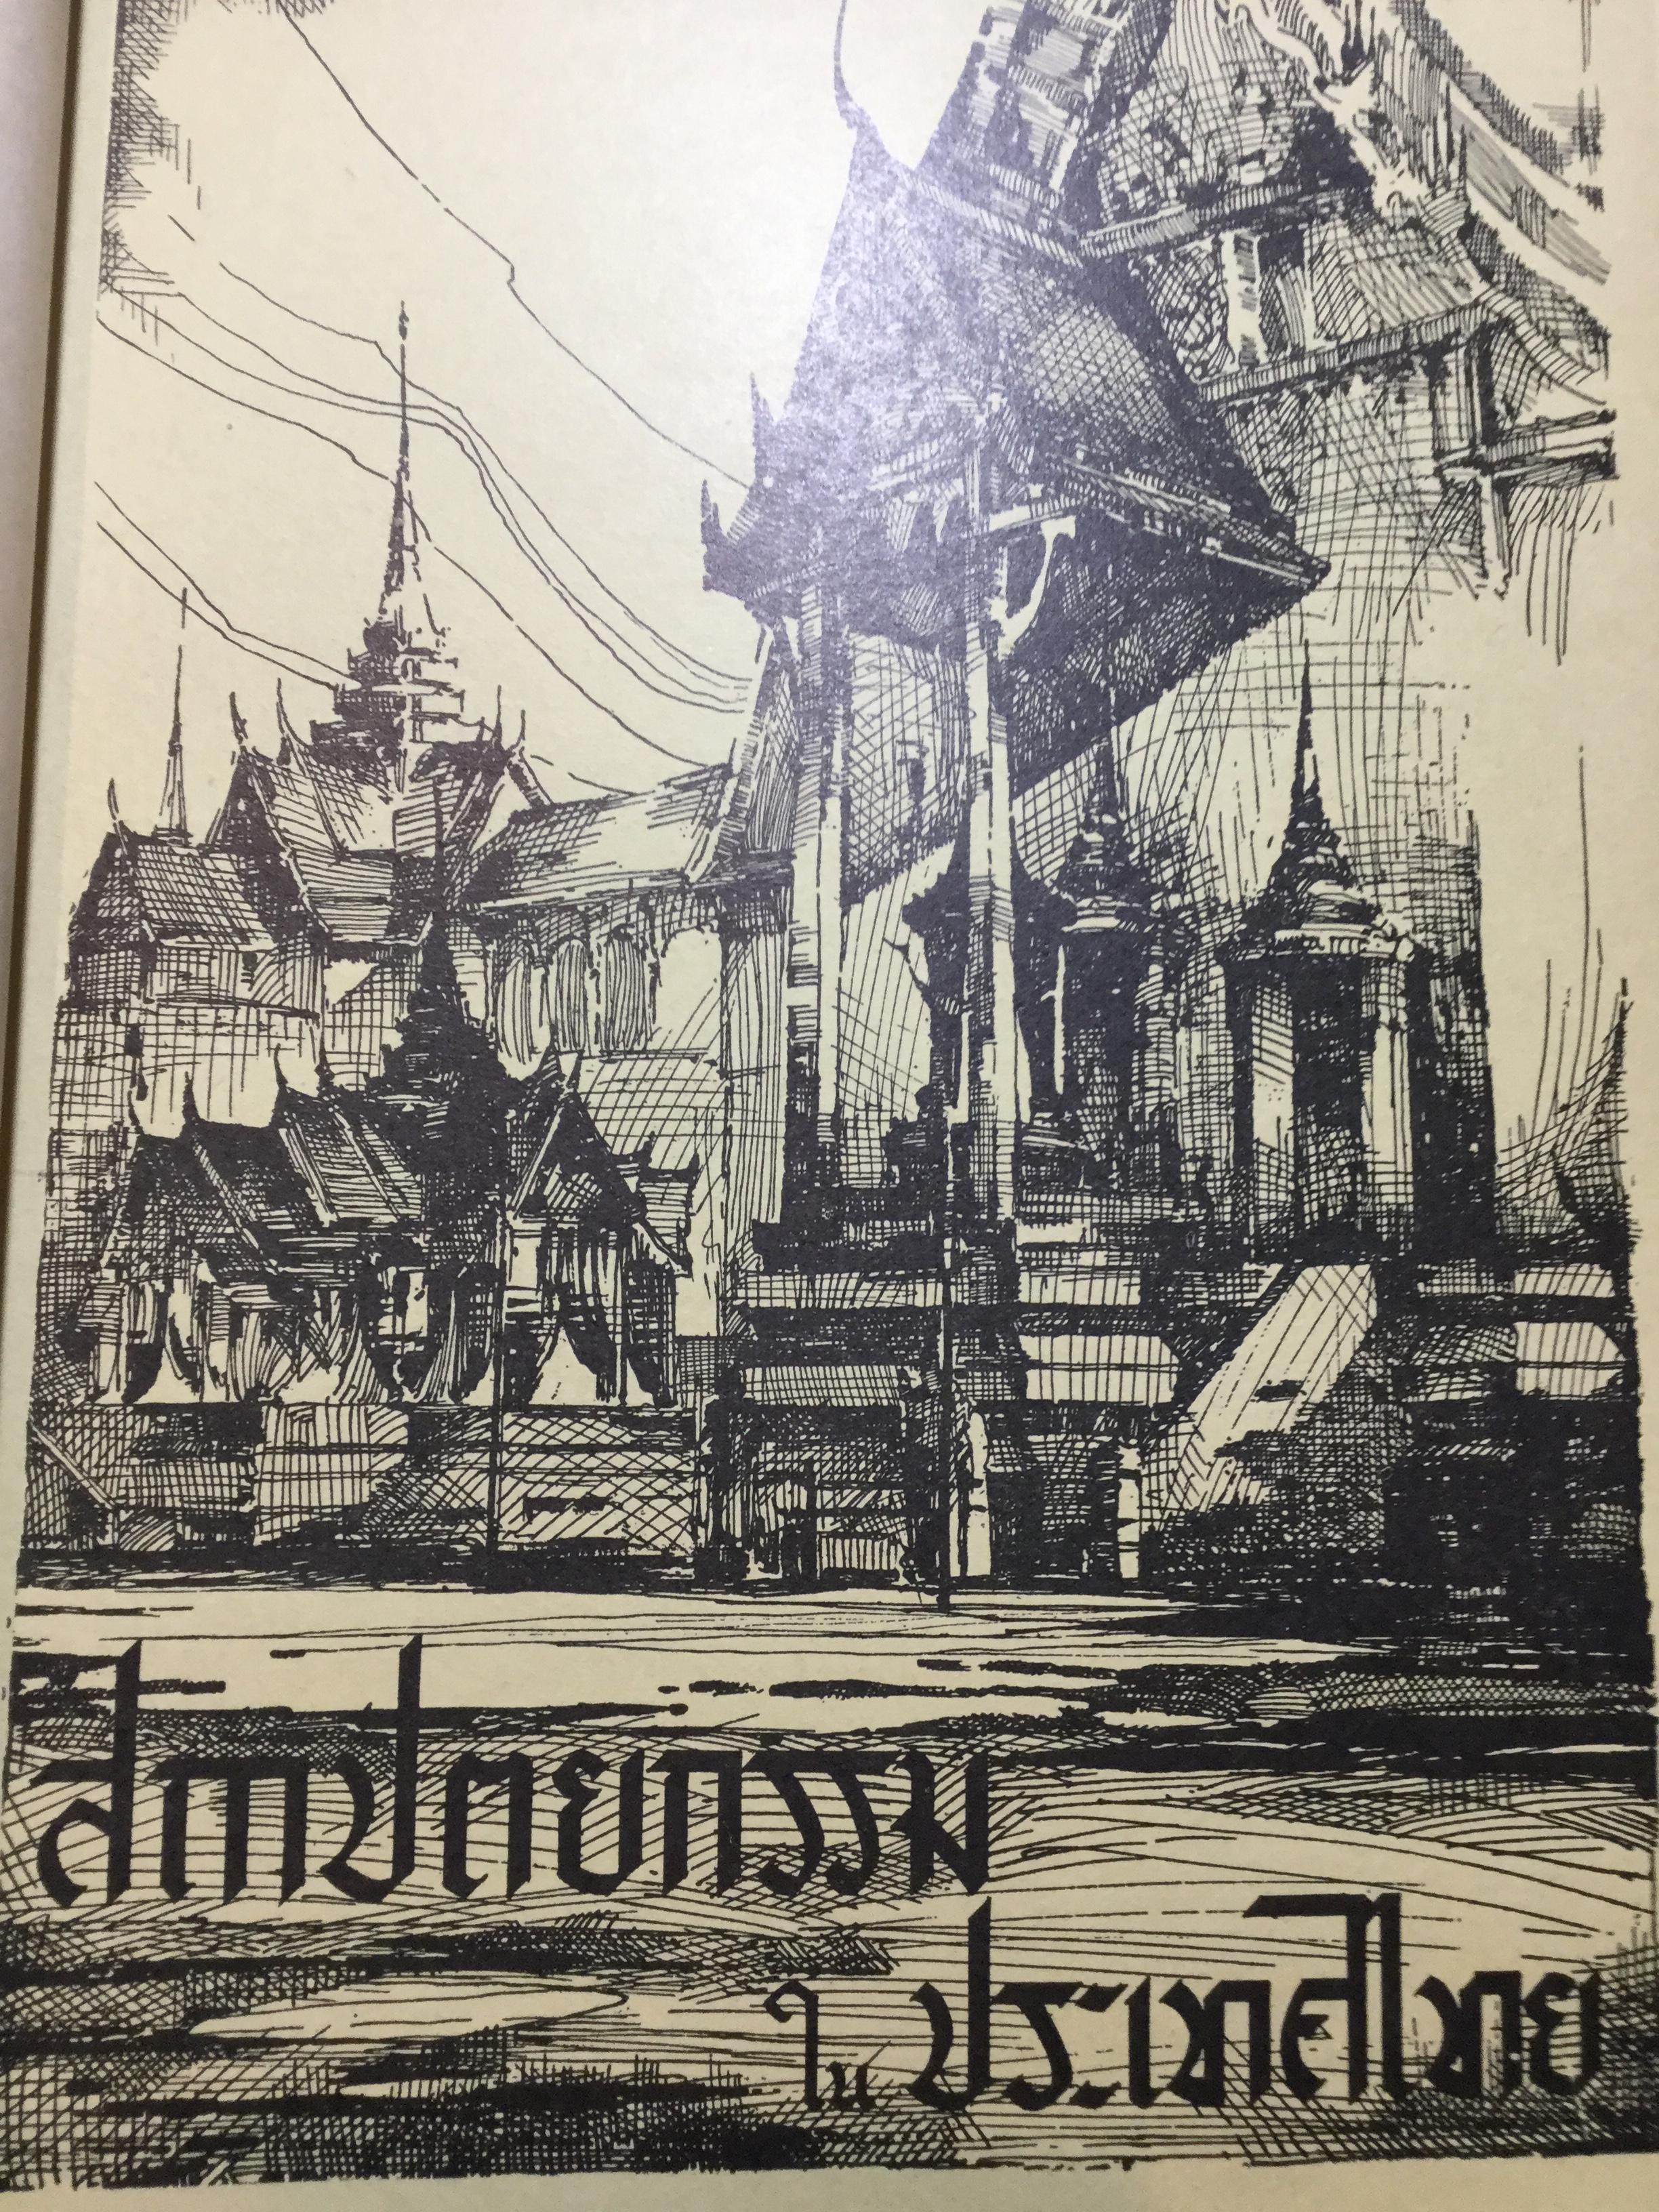 สถาปัตยกรรมในประเทศไทย. มูลเหตุแห่งกำเนิดสถาปัตยกรรมในประเทศไทย สถาปัตยกรรมสมัยก่อนประวัติศาสตร์ไทย สถาปัตยกรรมไทย.